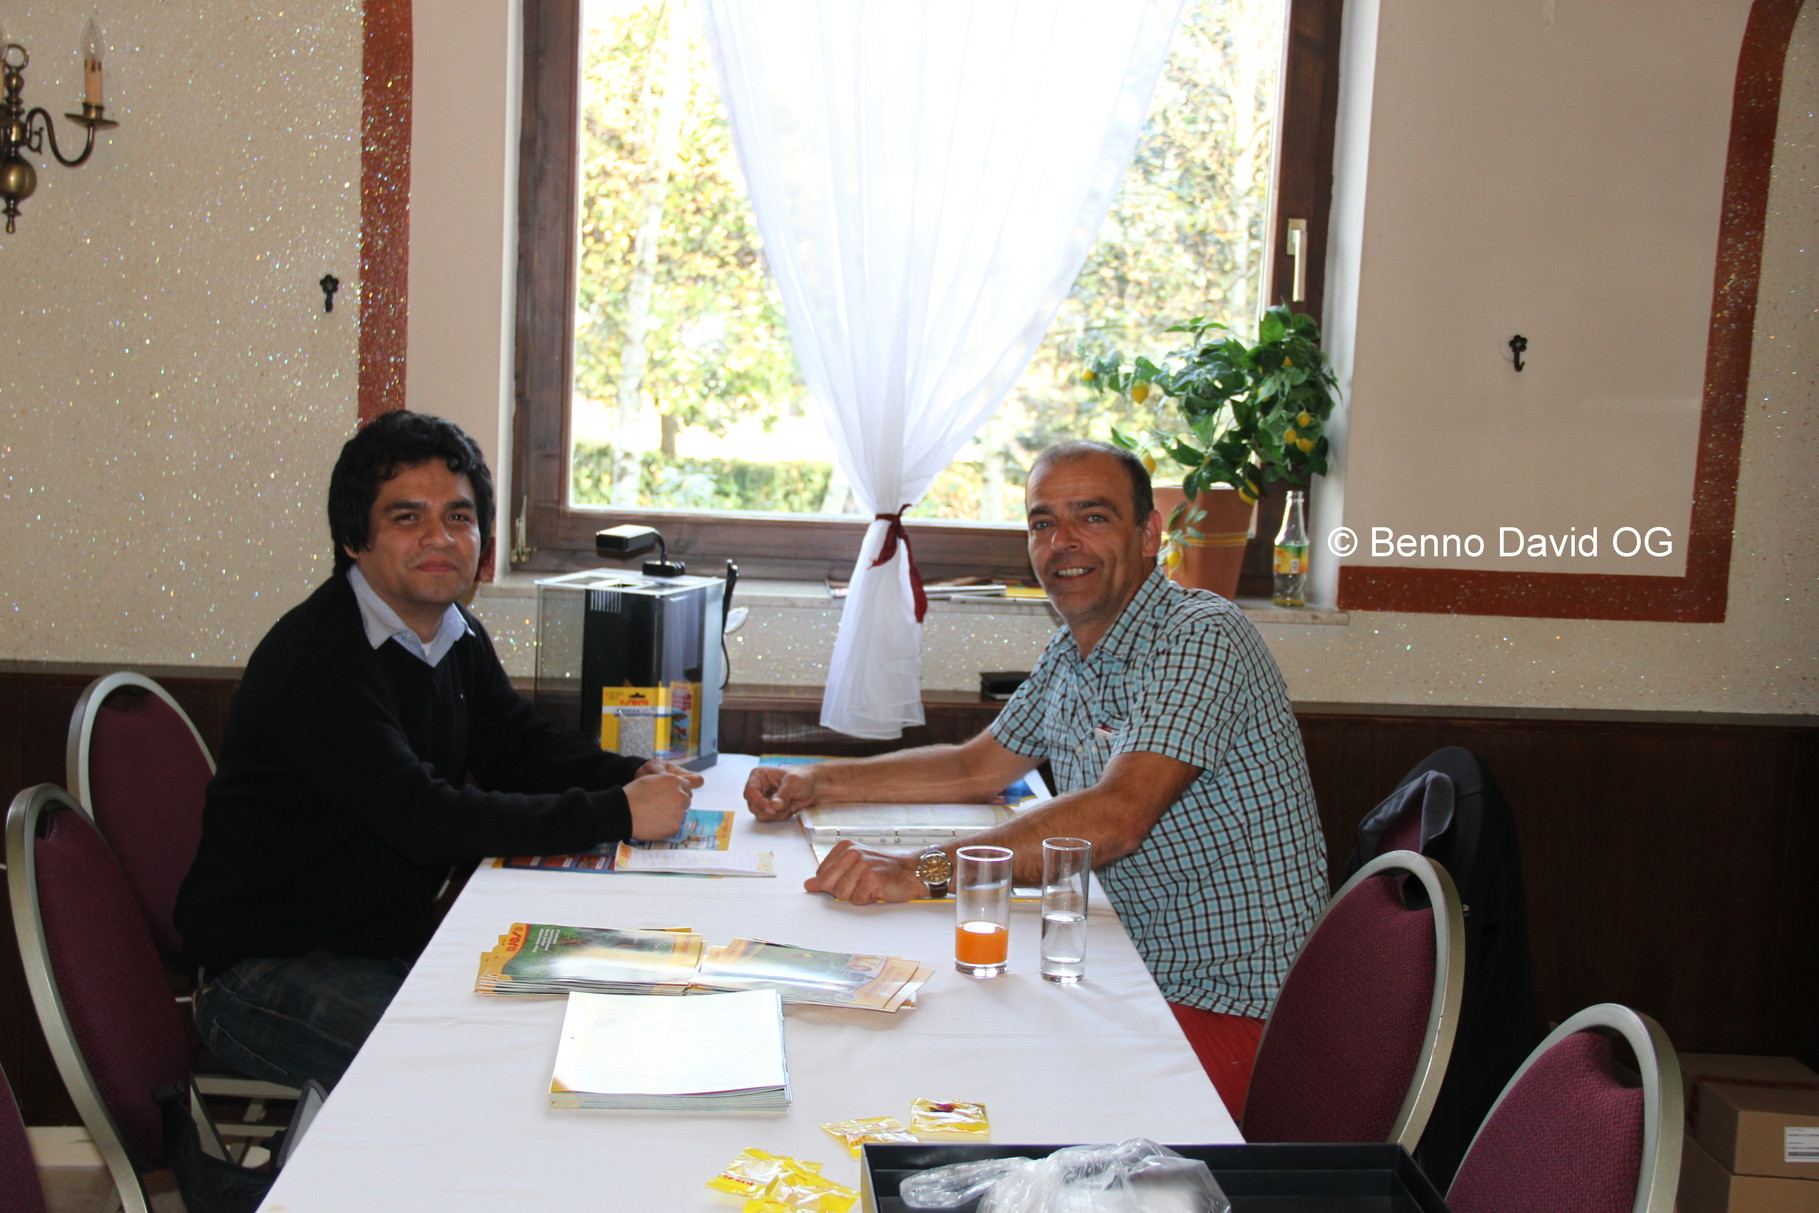 Fernando mit Sera Vertreter